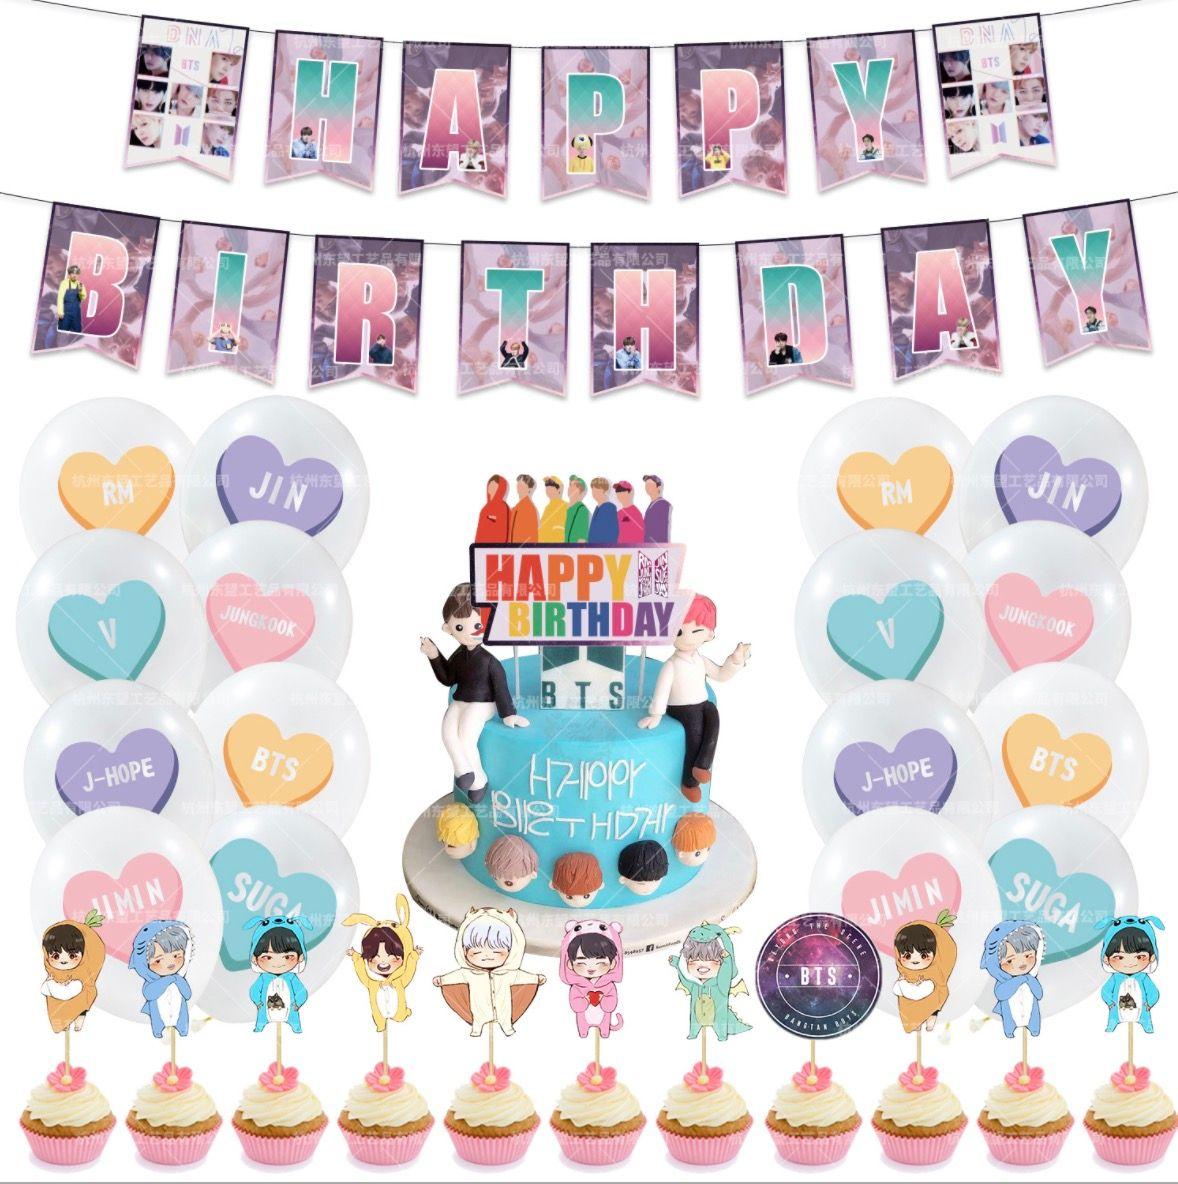 2sets / 많은 무료 배송 BTS 테마 생일 파티 풍선, 배너 및 기타로 재설정을 축하